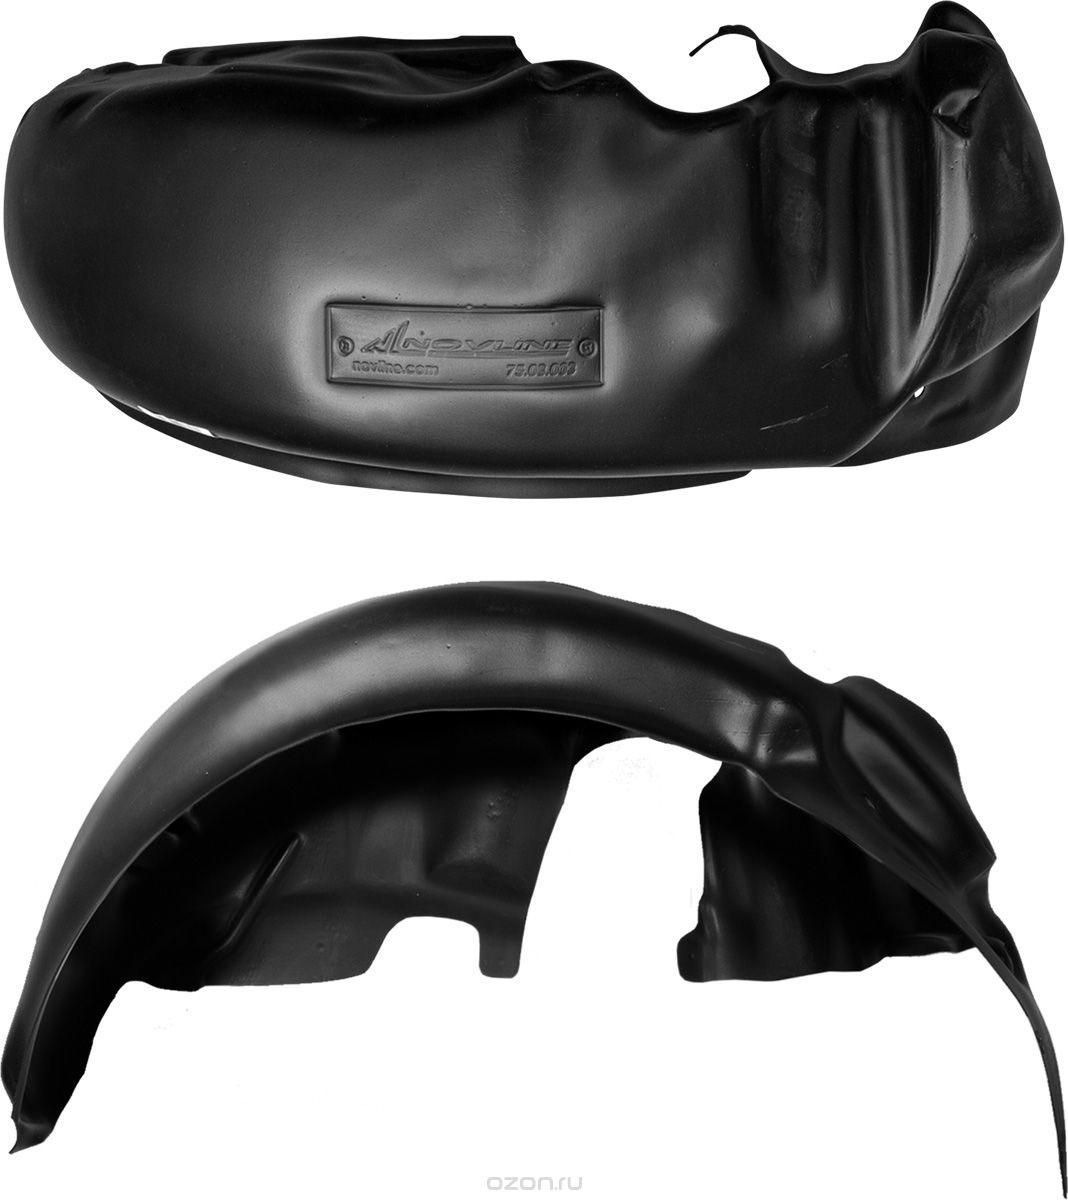 Подкрылок Novline-Autofamily, для CITROEN C-Crosser 2007->, задний левыйNLL.10.14.003Идеальная защита колесной ниши. Локеры разработаны с применением цифровых технологий, гарантируют максимальную повторяемость поверхности арки. Изделия устанавливаются без нарушения лакокрасочного покрытия автомобиля, каждый подкрылок комплектуется крепежом. Уважаемые клиенты, обращаем ваше внимание, что фотографии на подкрылки универсальные и не отражают реальную форму изделия. При этом само изделие идет точно под размер указанного автомобиля.